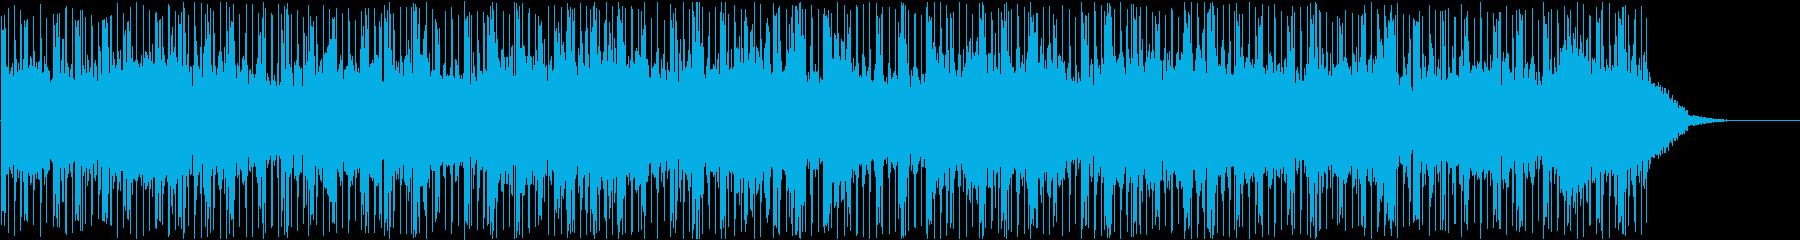 推理・サスペンス・クイズ・不気味・ホラーの再生済みの波形